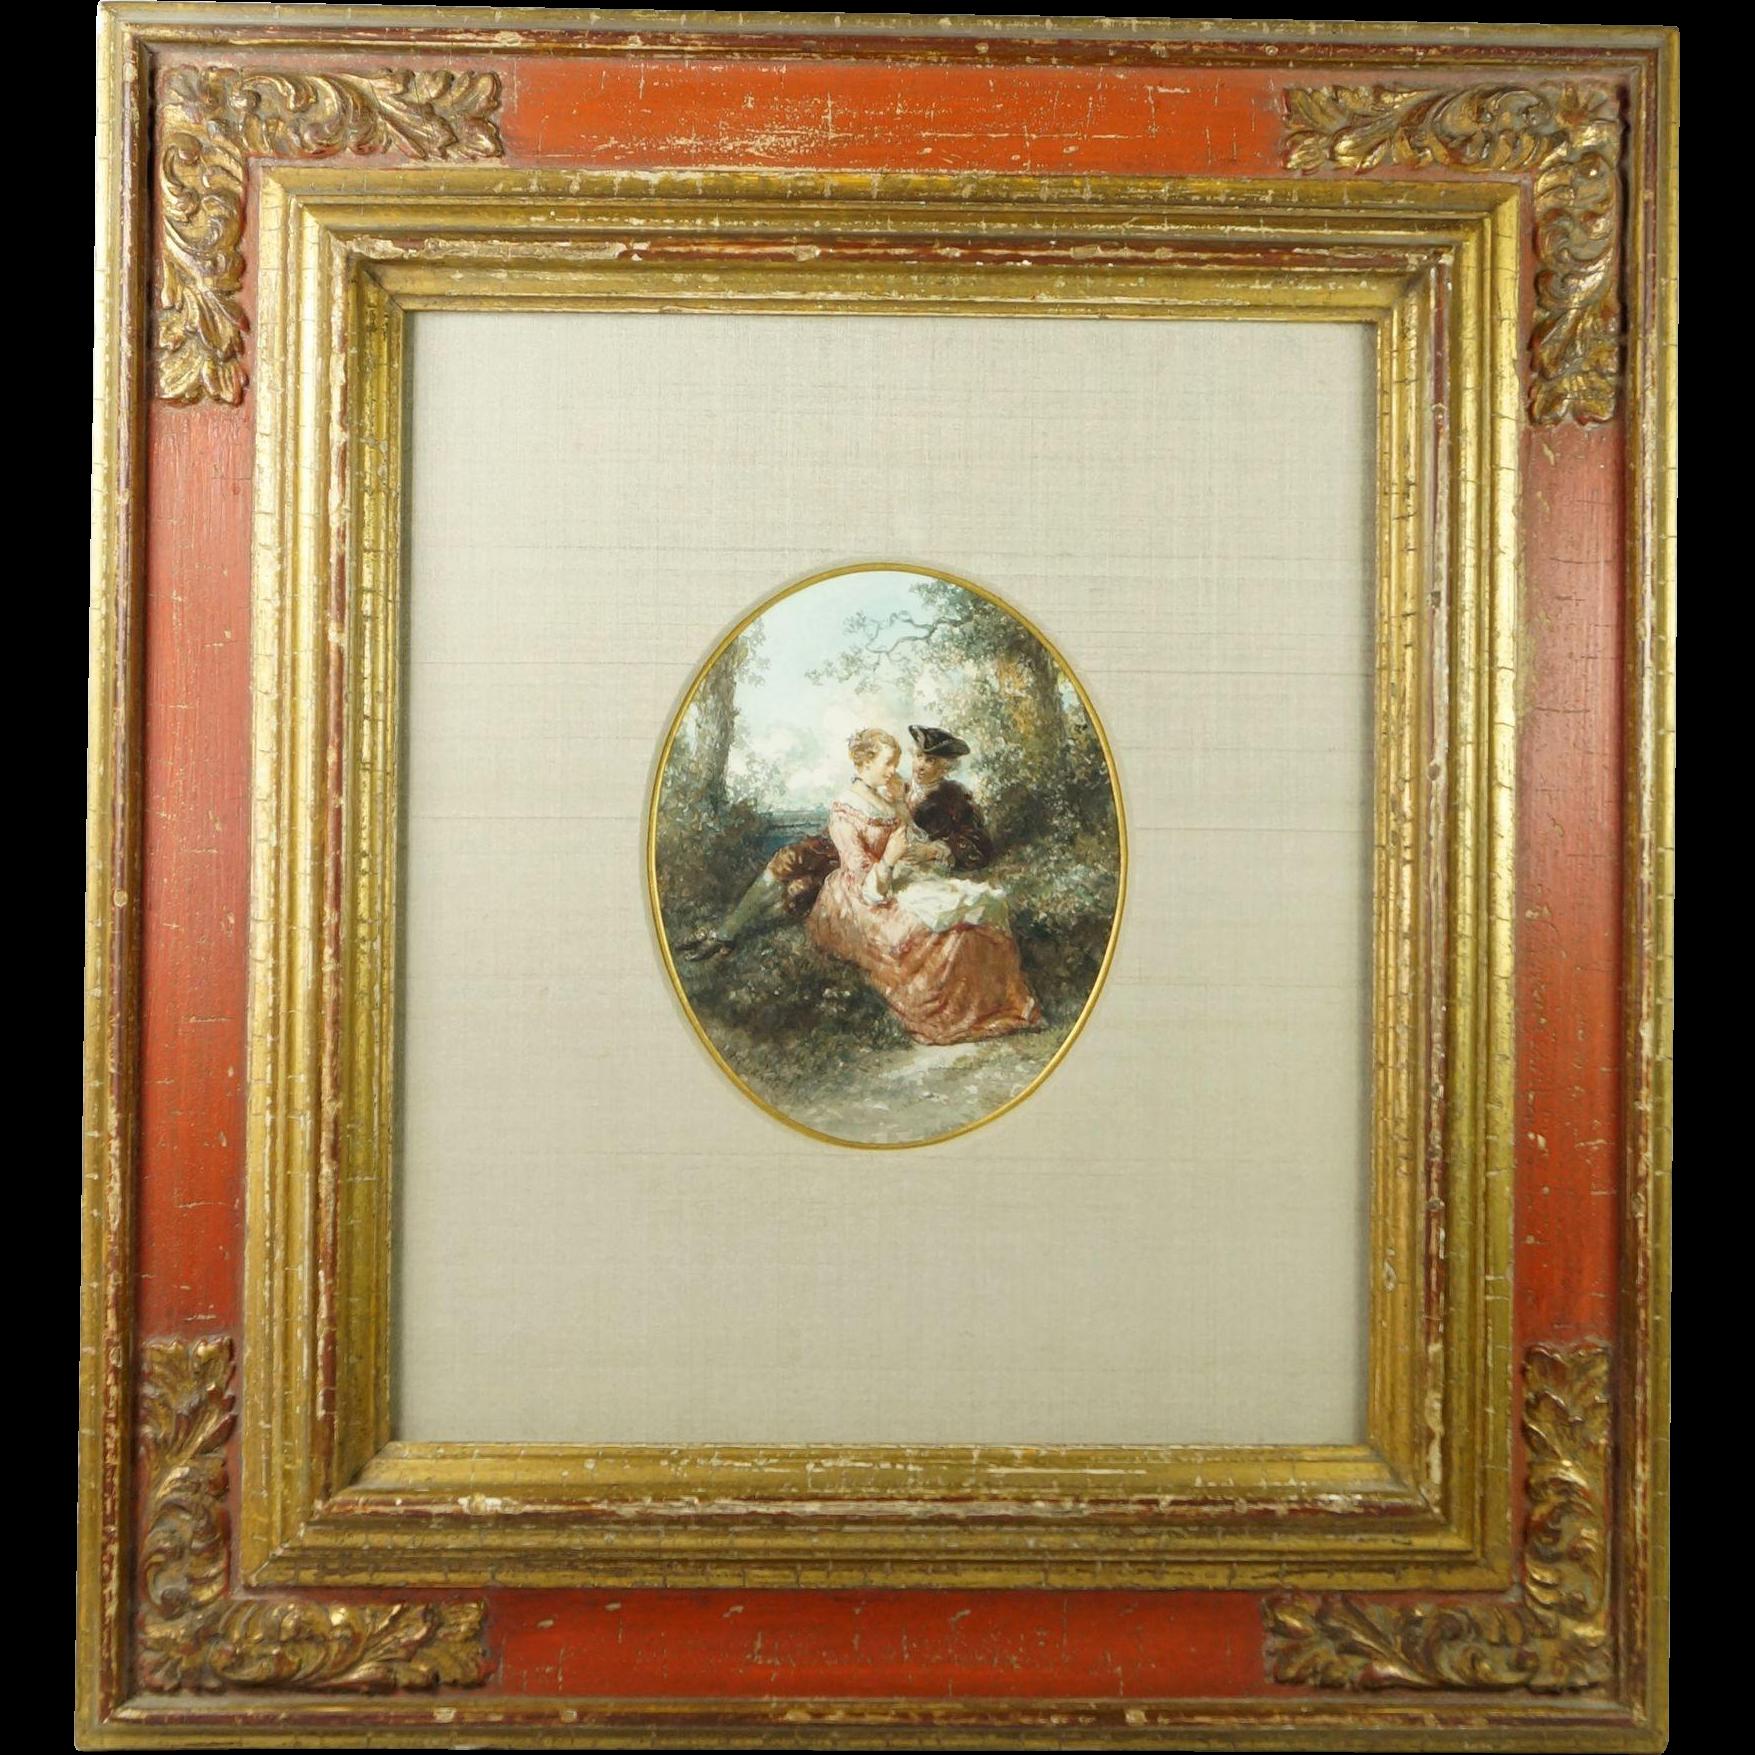 Frederik Carel Ten Kate (1822-1891) Romantic Original Watercolor Signed And Dated 1856